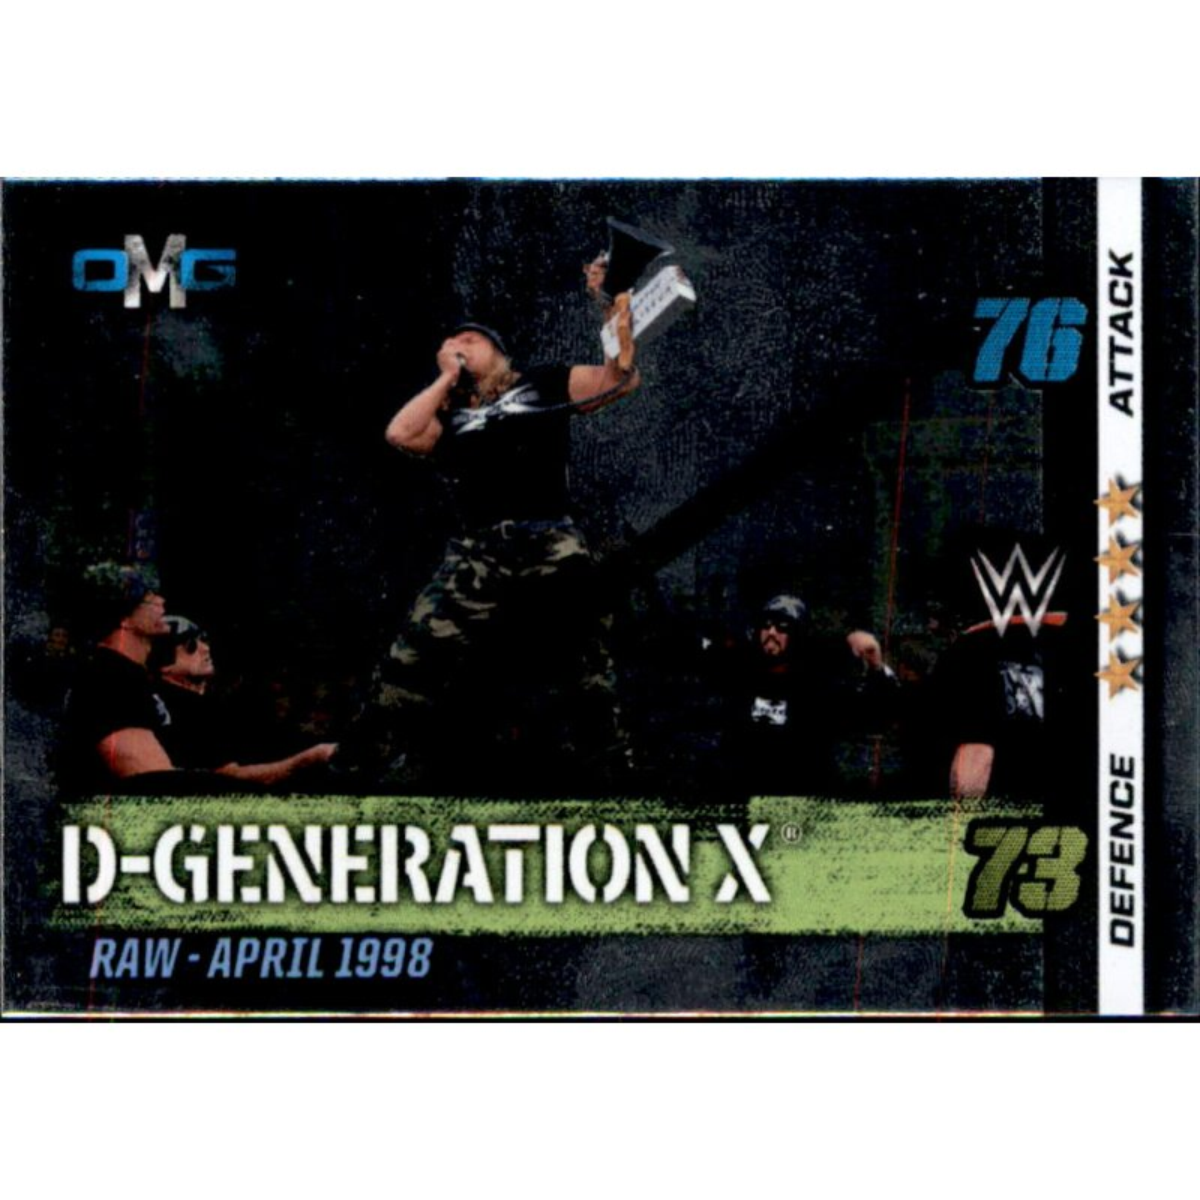 OMG 72 D-Generation X 10th Edition Nr WWE Slam Attax